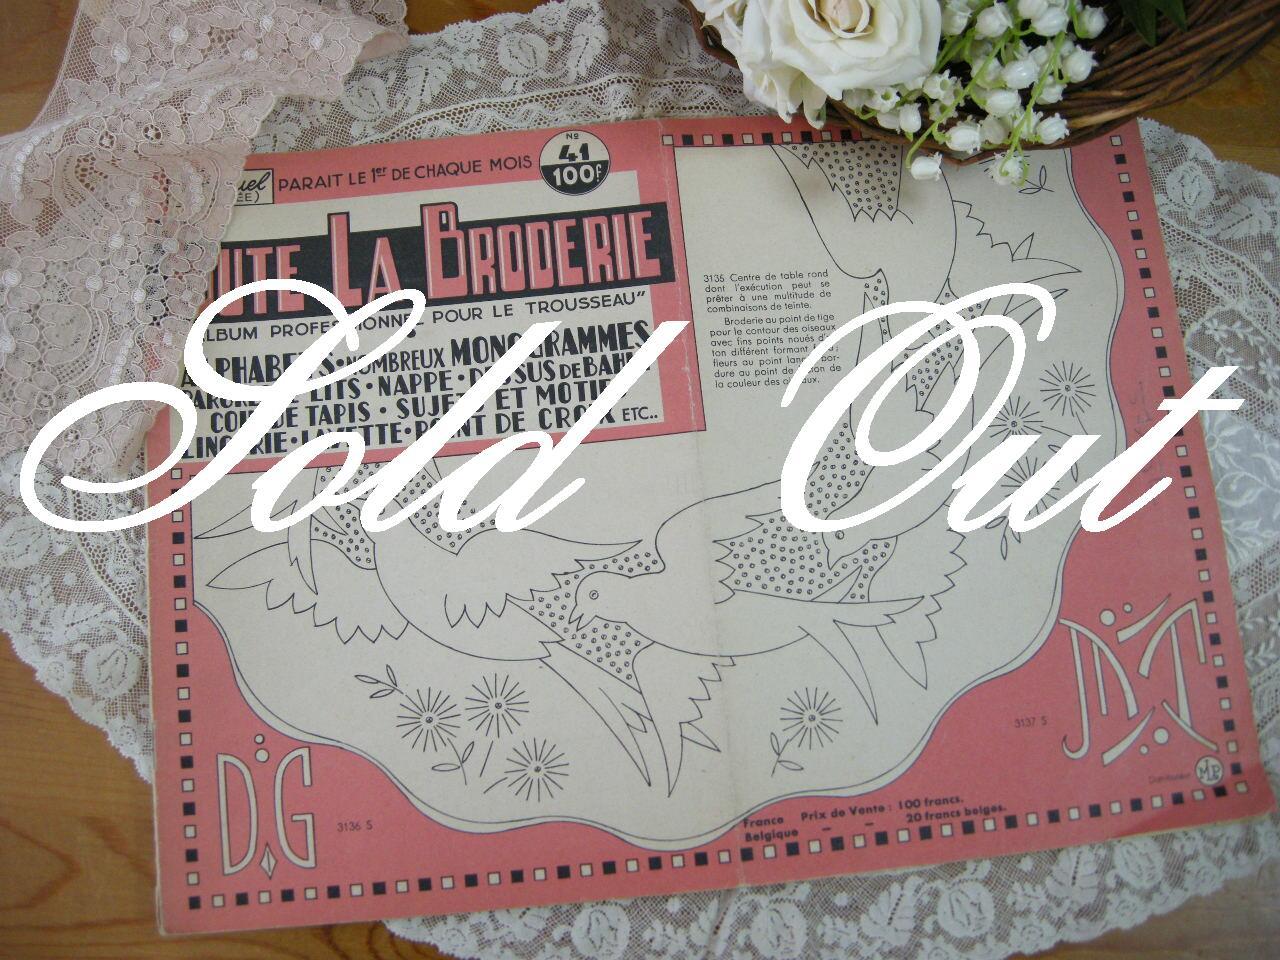 アンティーク刺繍図案集「TOUTE LA BRODERIE 」N0.41